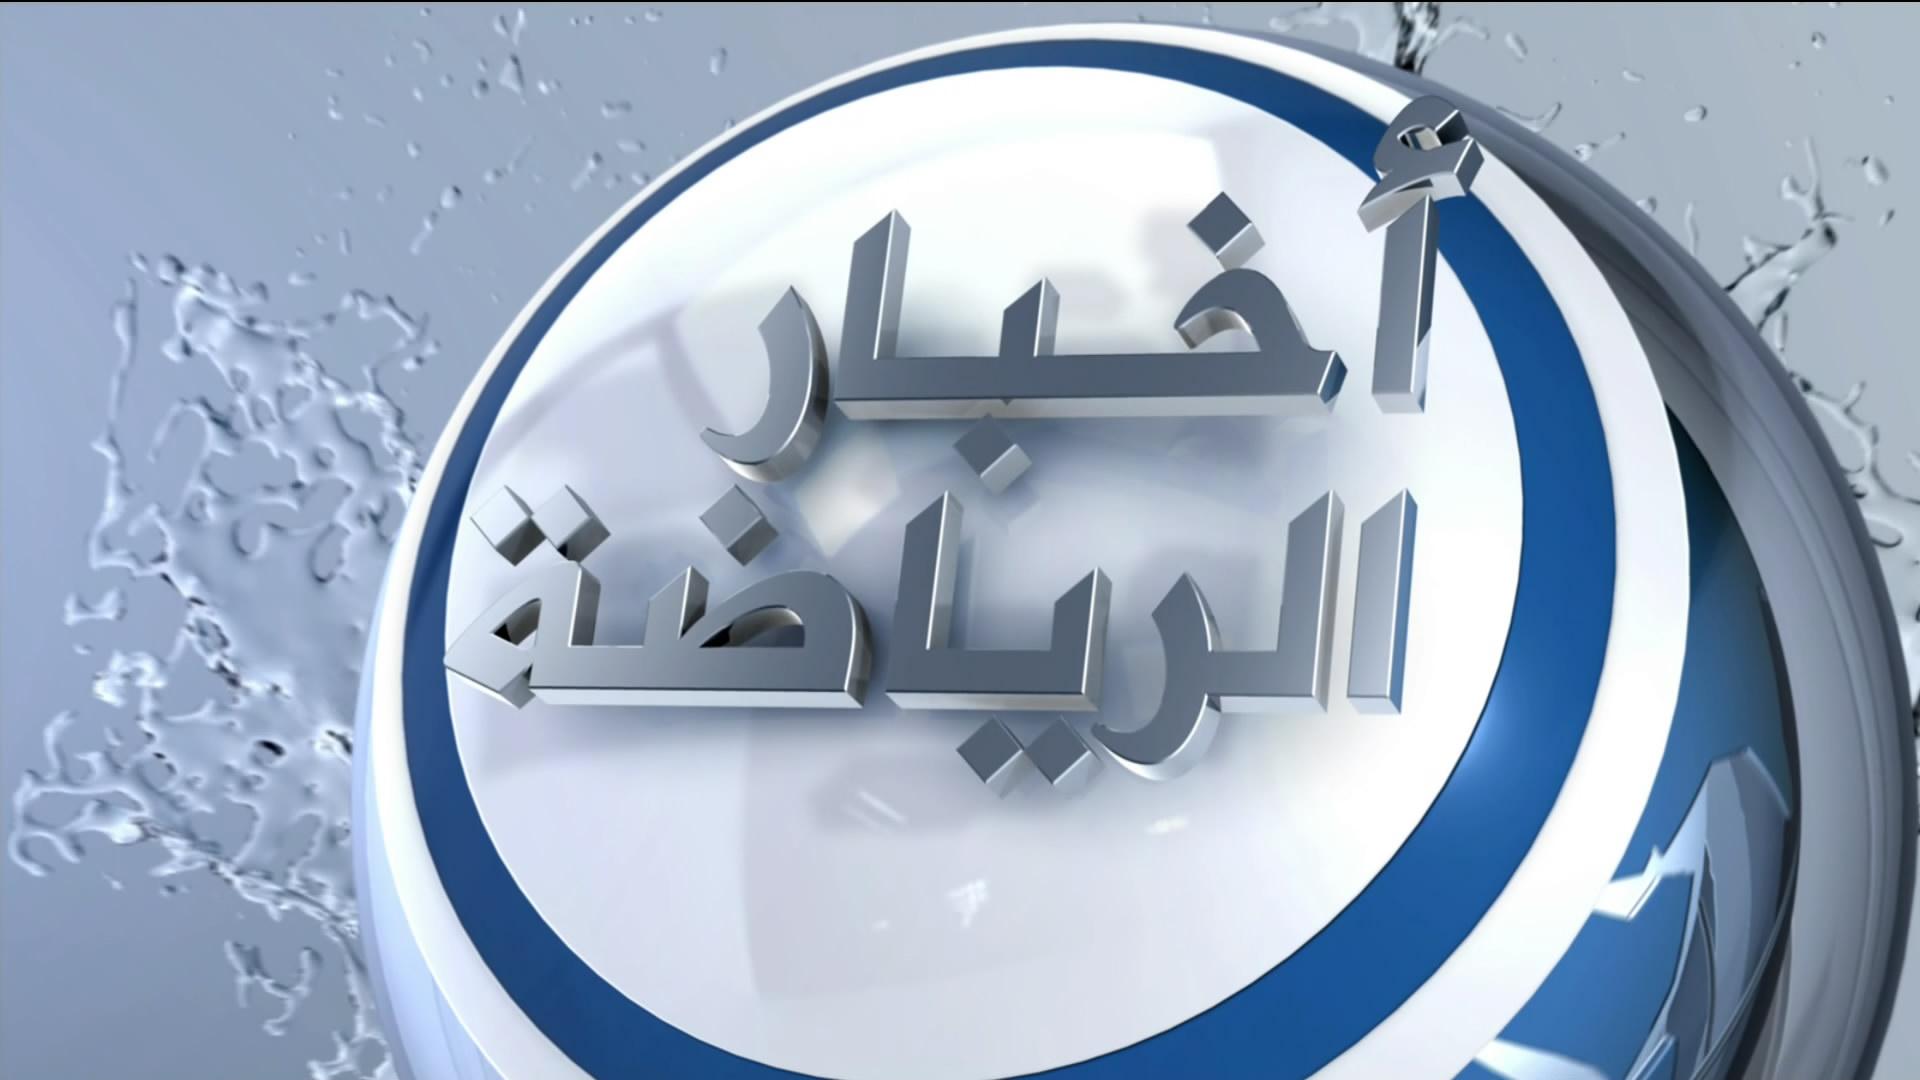 صوره اخبار الرياضة يوروسبورت اخبار الرياضةكرة القدم العالمية والعربية